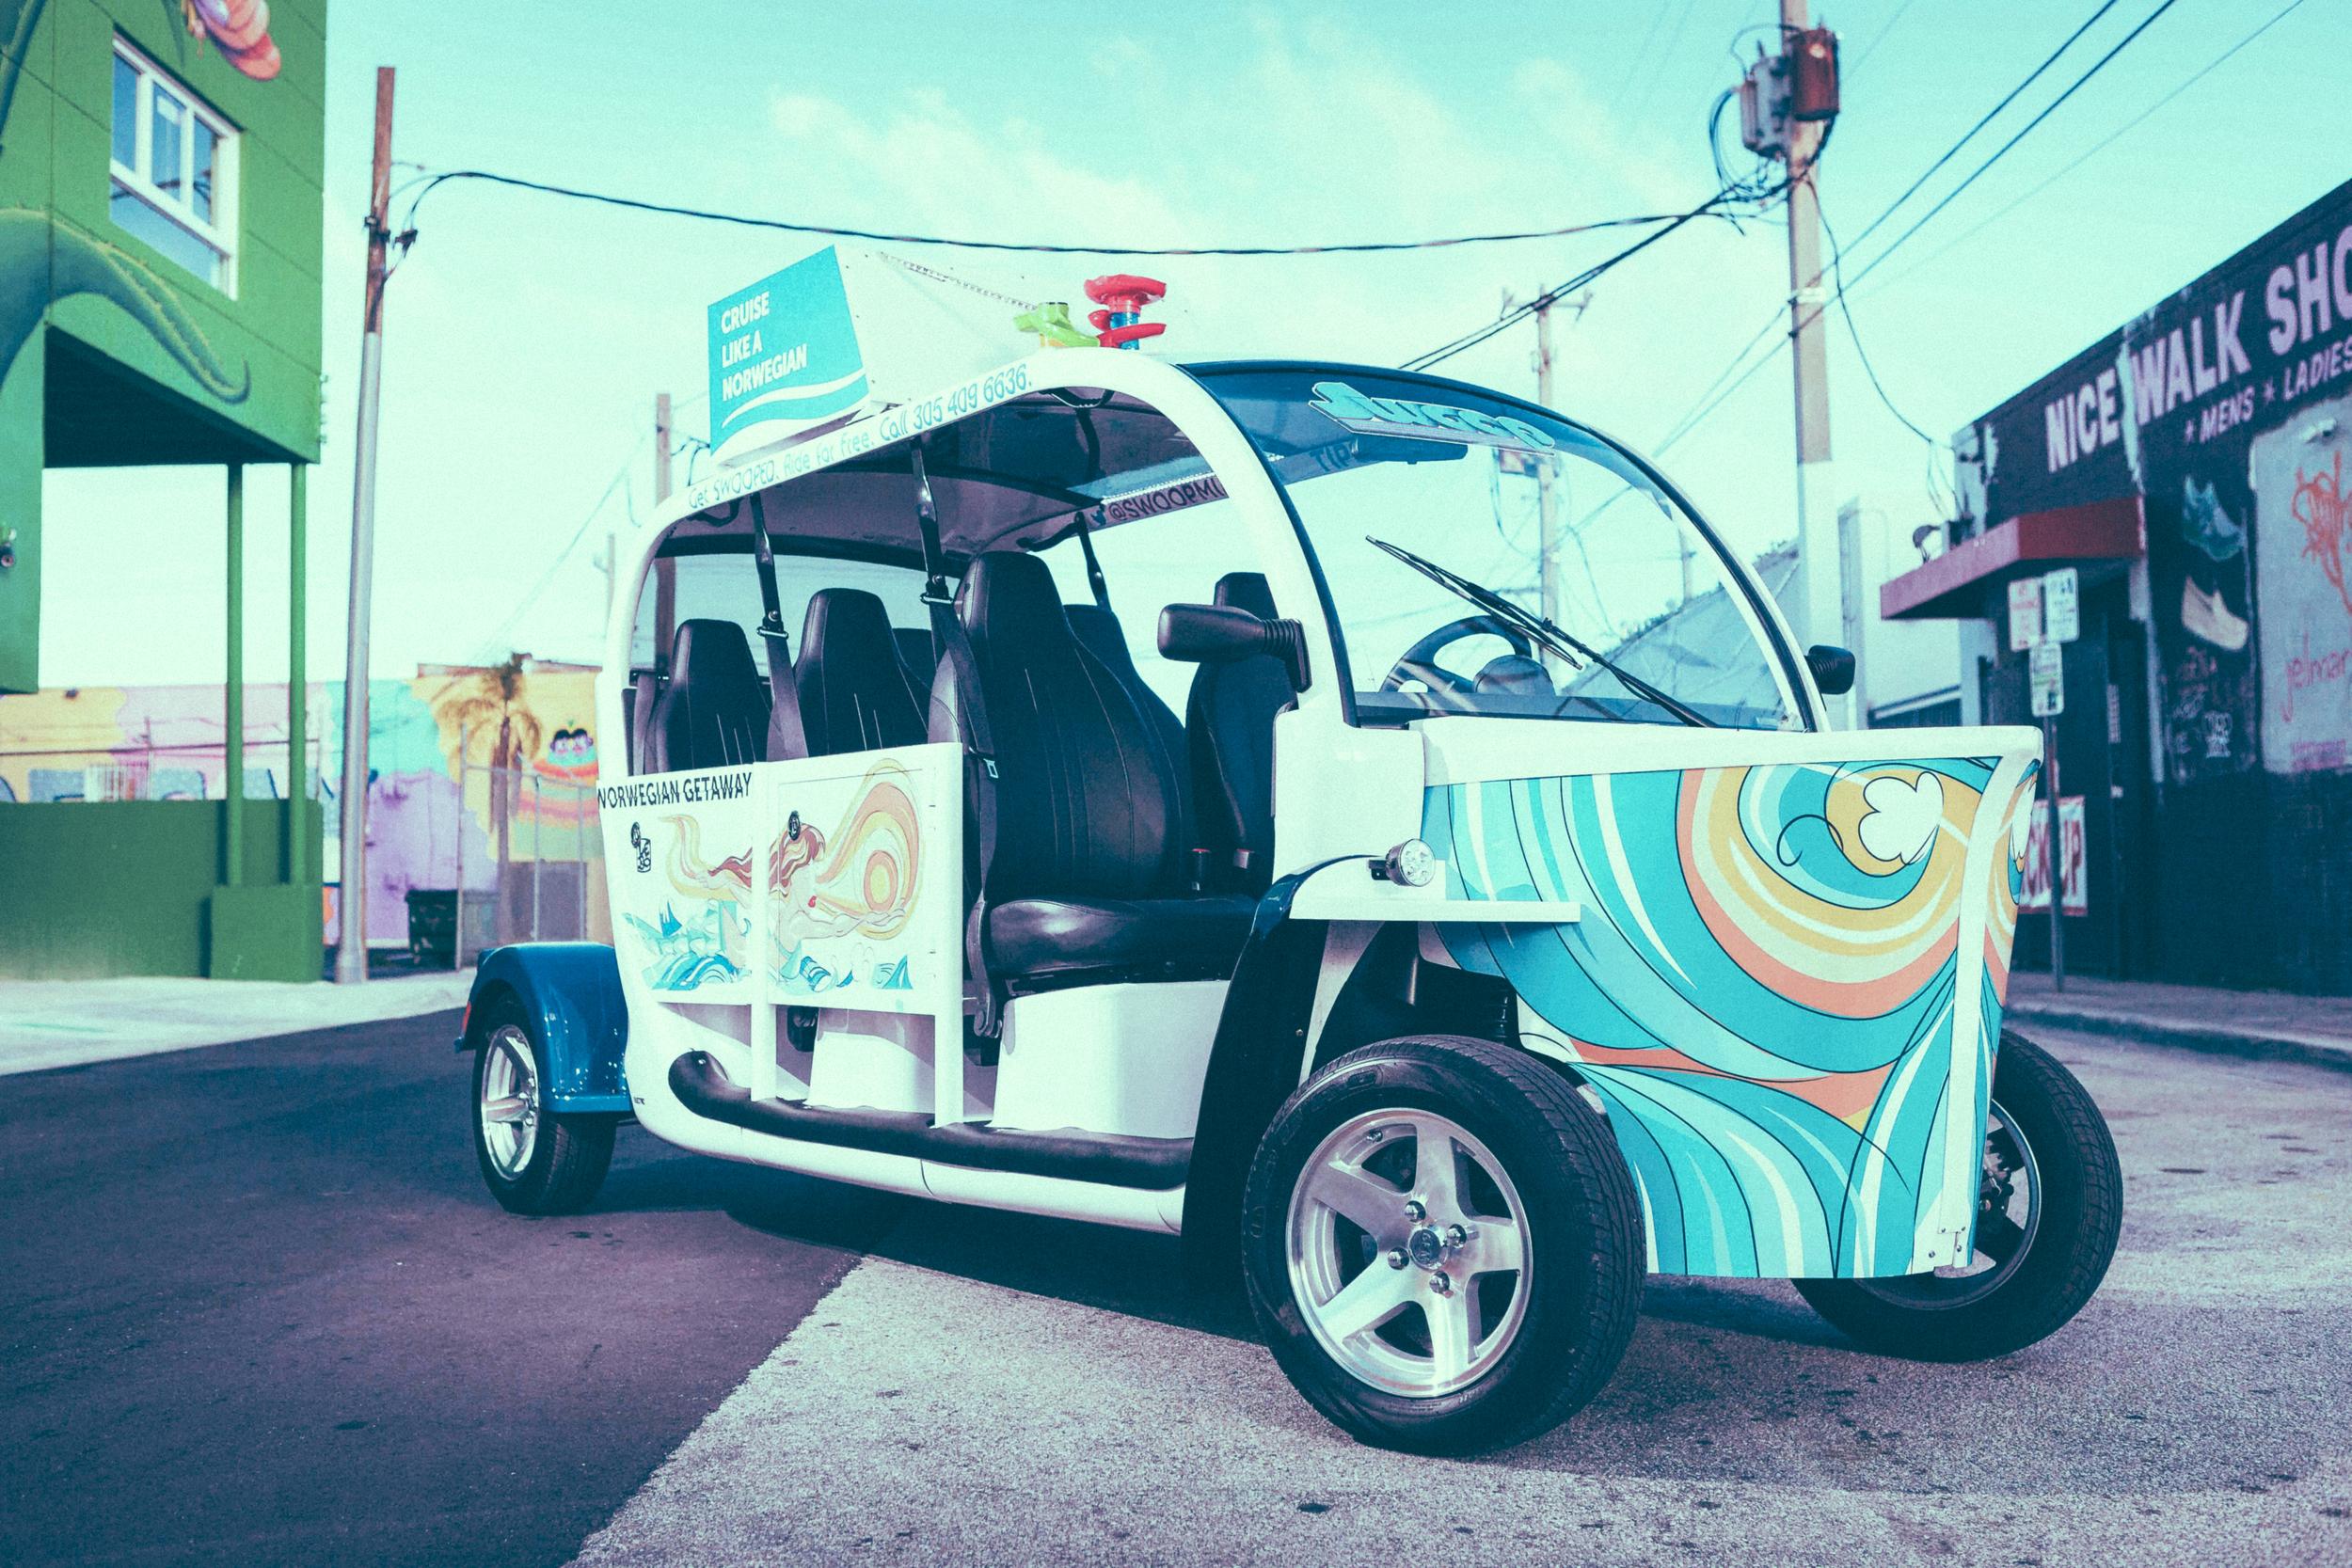 Swoop_Miami-2013-12-21-3987.jpg